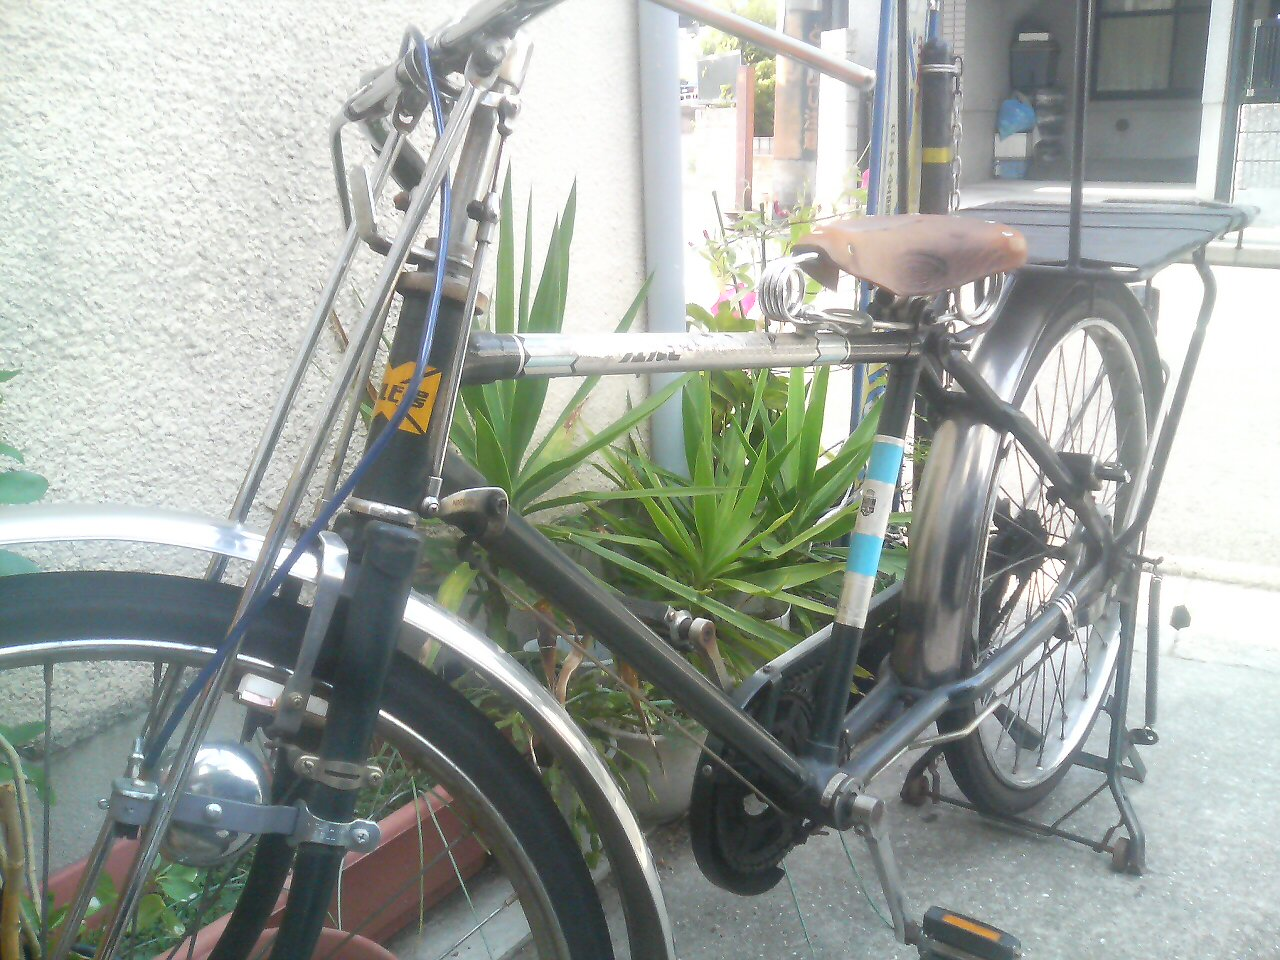 自転車用 自転車用 : ... の運搬用自転車 (酒樽屋日誌